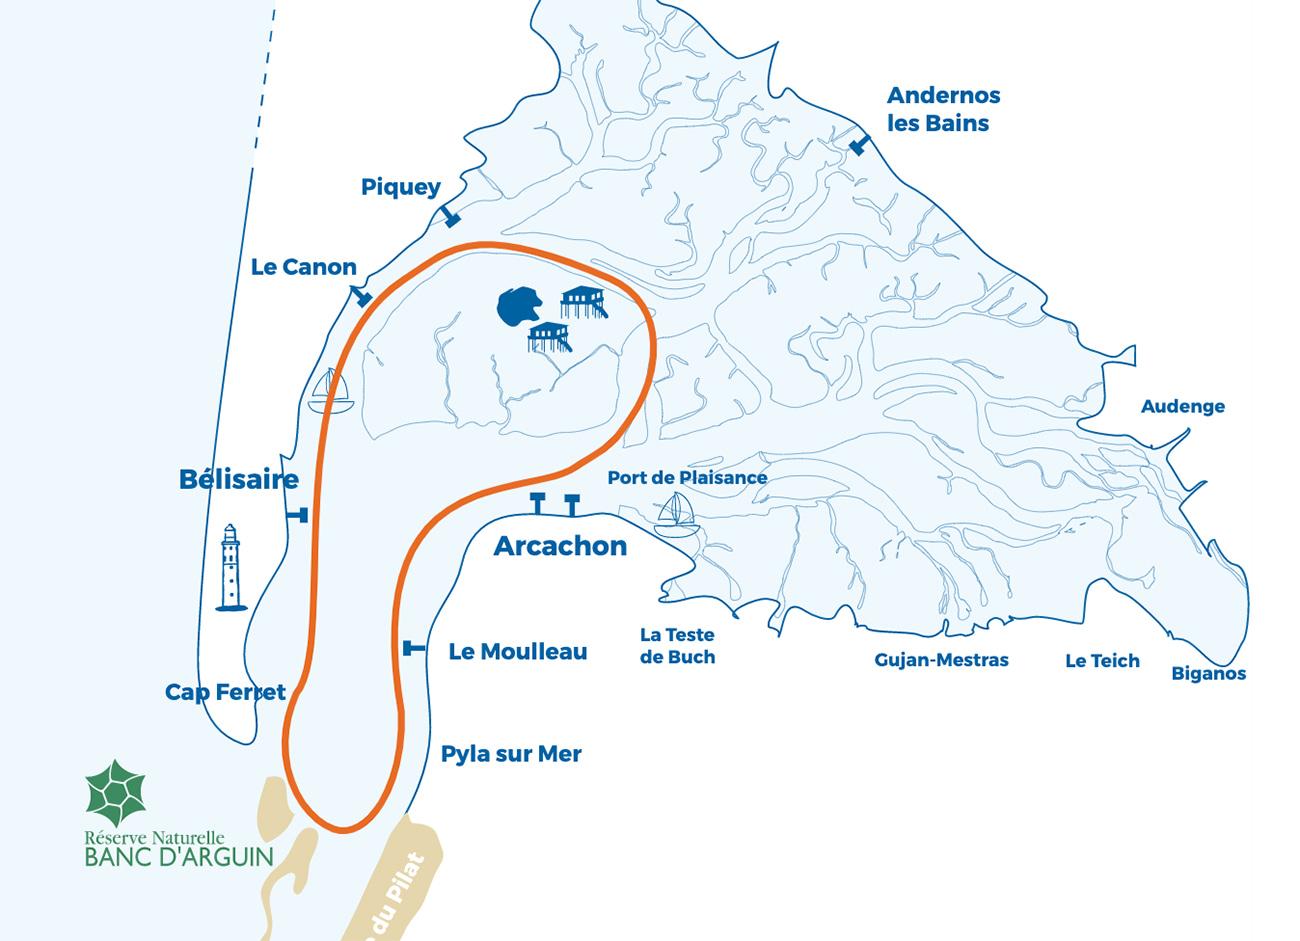 """Plan de la balade """"Croisière Océane"""" proposée par le catamaran Le Côte d'Argent sur le Bassin d'Arcachon"""